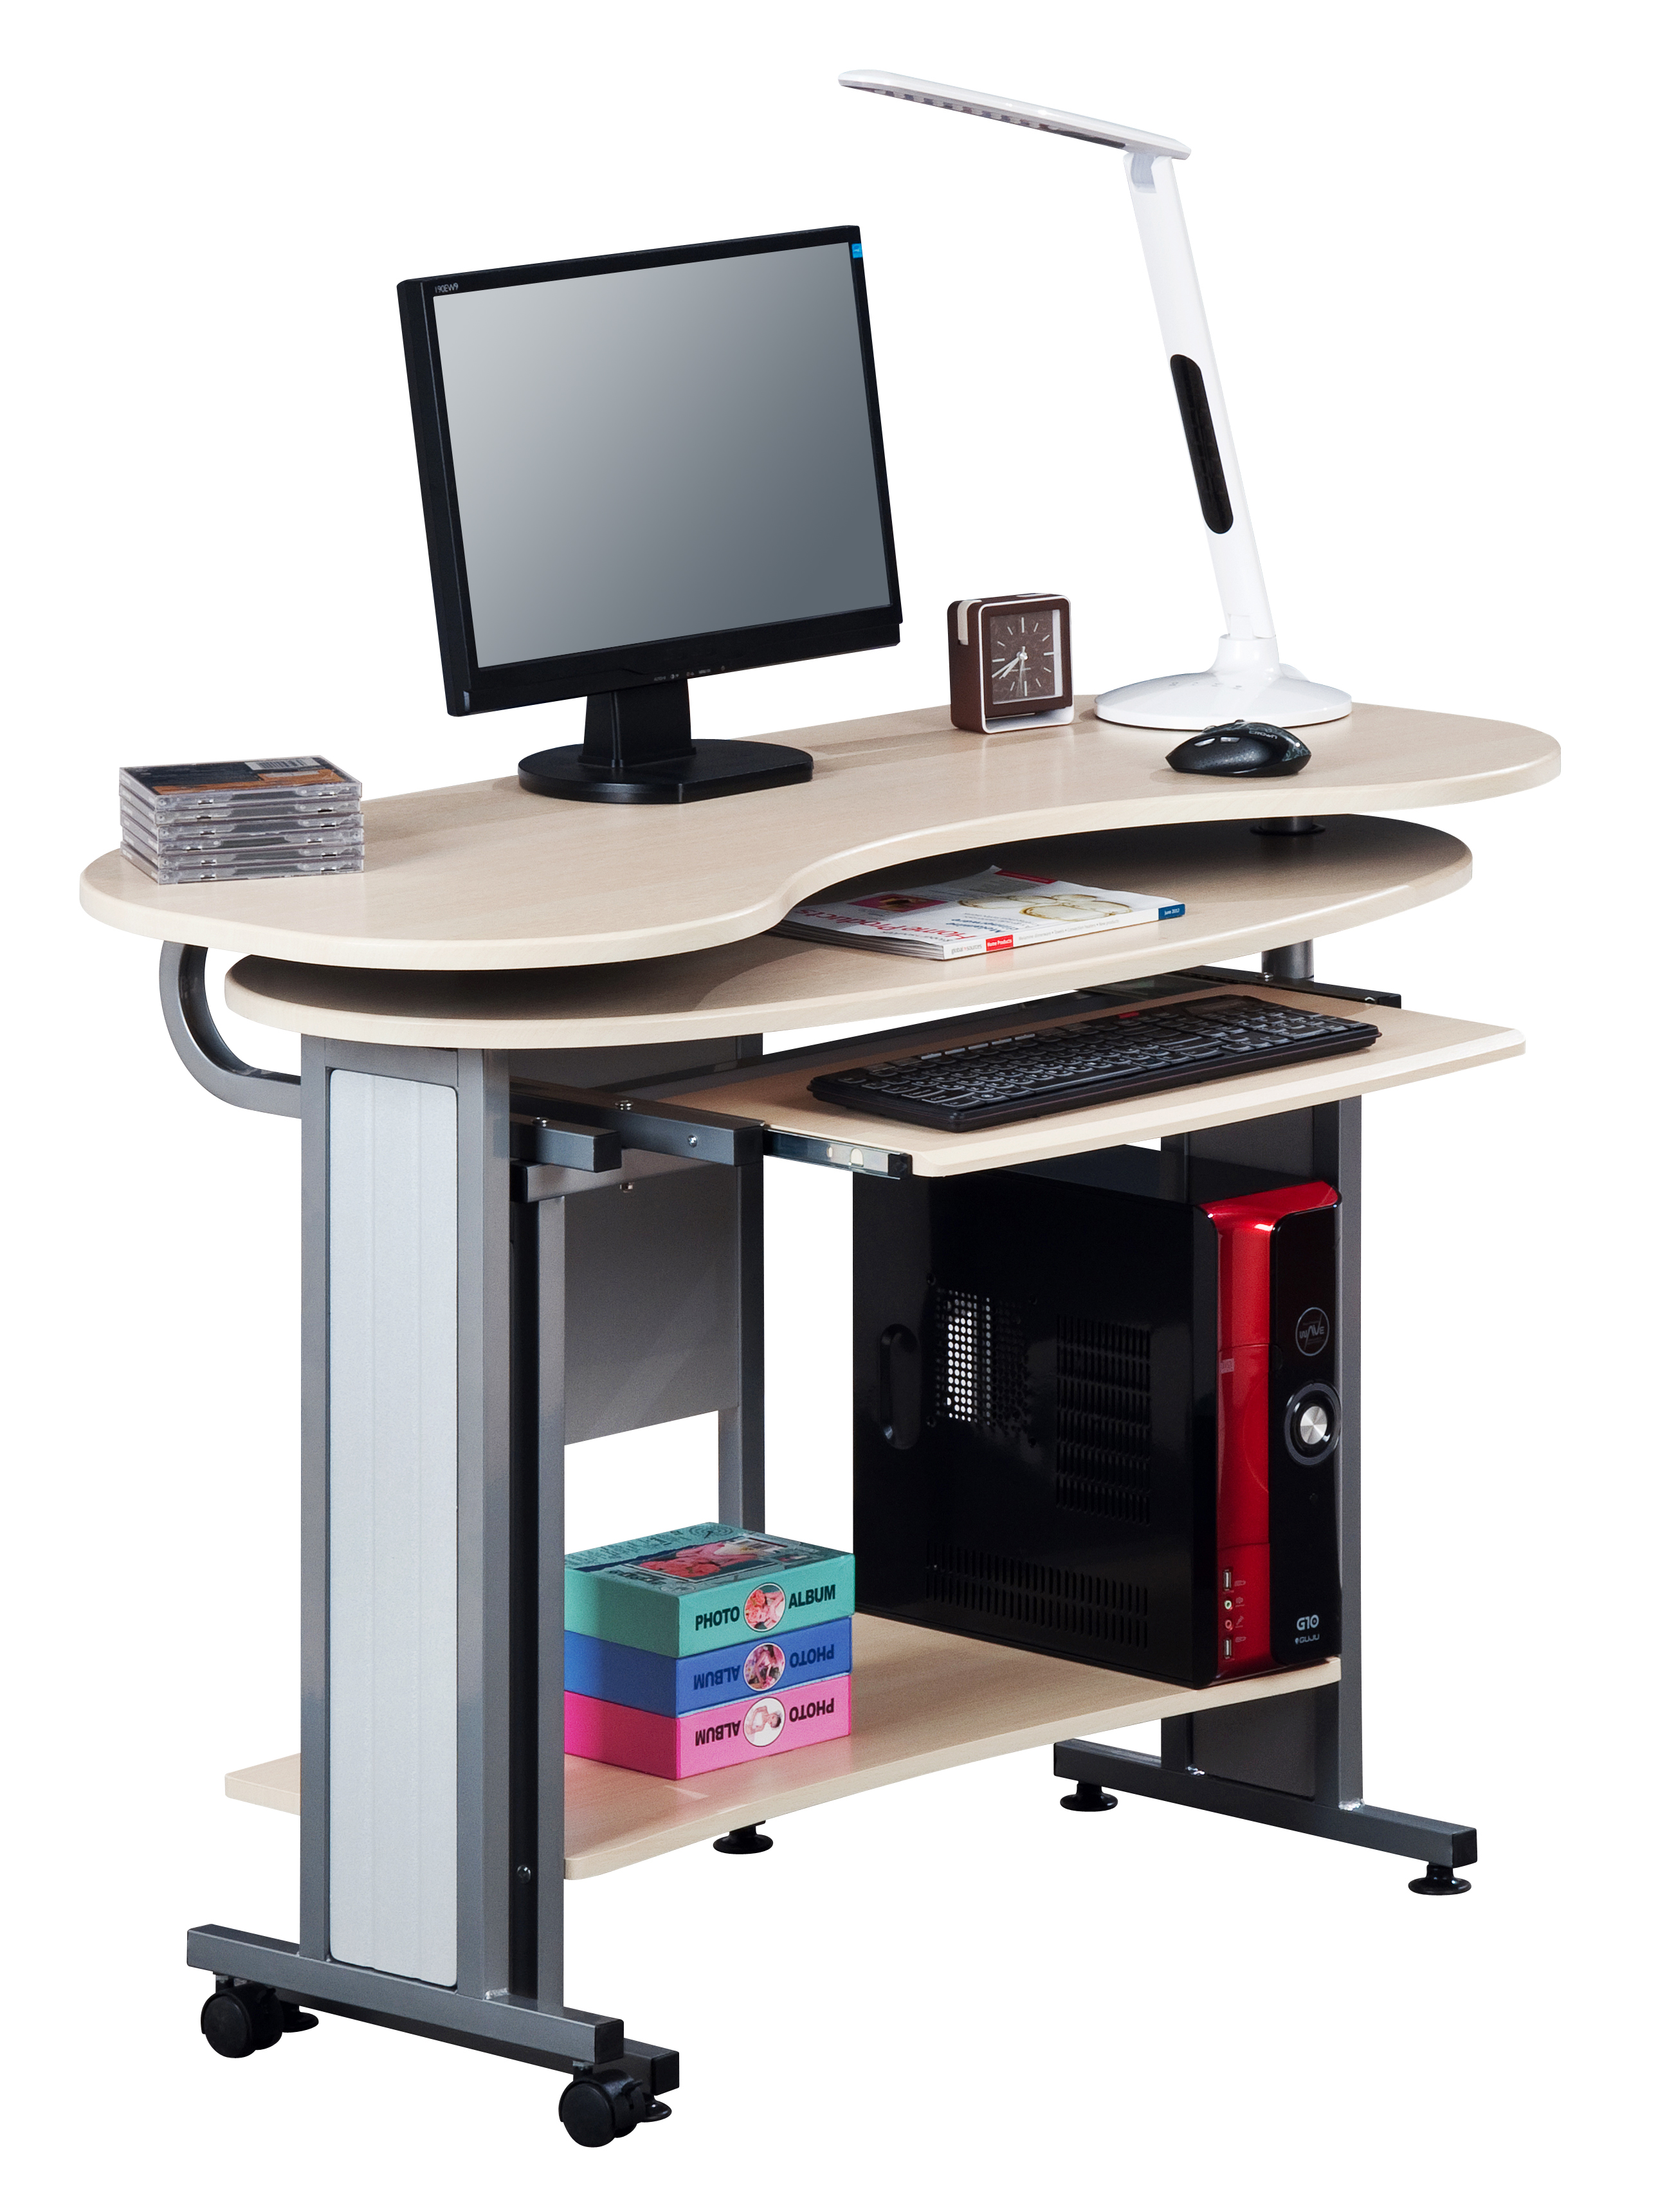 Sixbros scrivania porta pc tavolo ufficio diversi colori - Tavolo porta pc ...